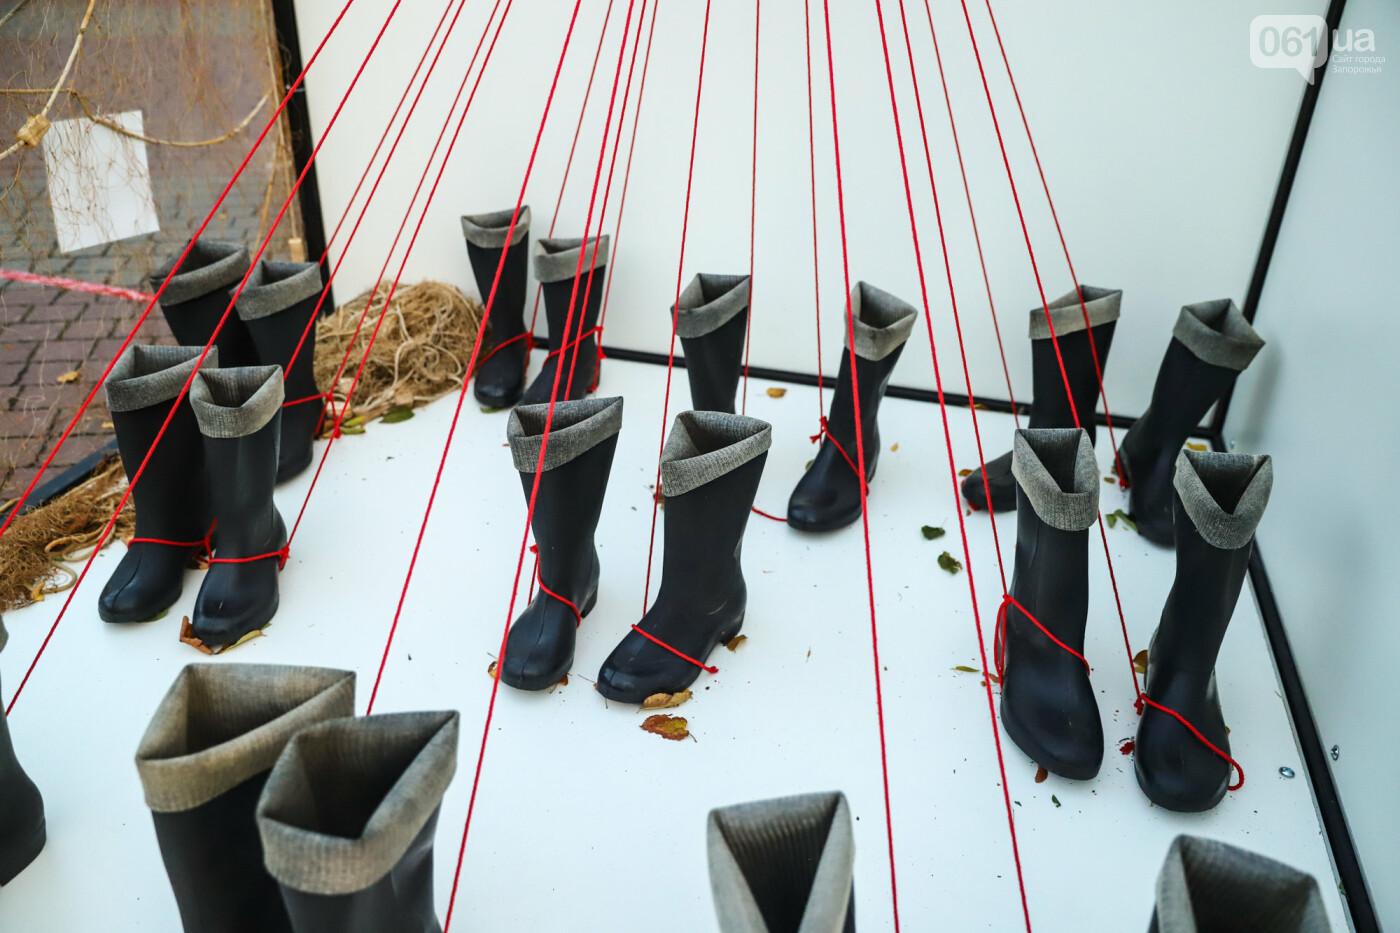 Огромная стиральная машина и комната из фольги: в центре Запорожья открылась эко-выставка, - ФОТОРЕПОРТАЖ , фото-27